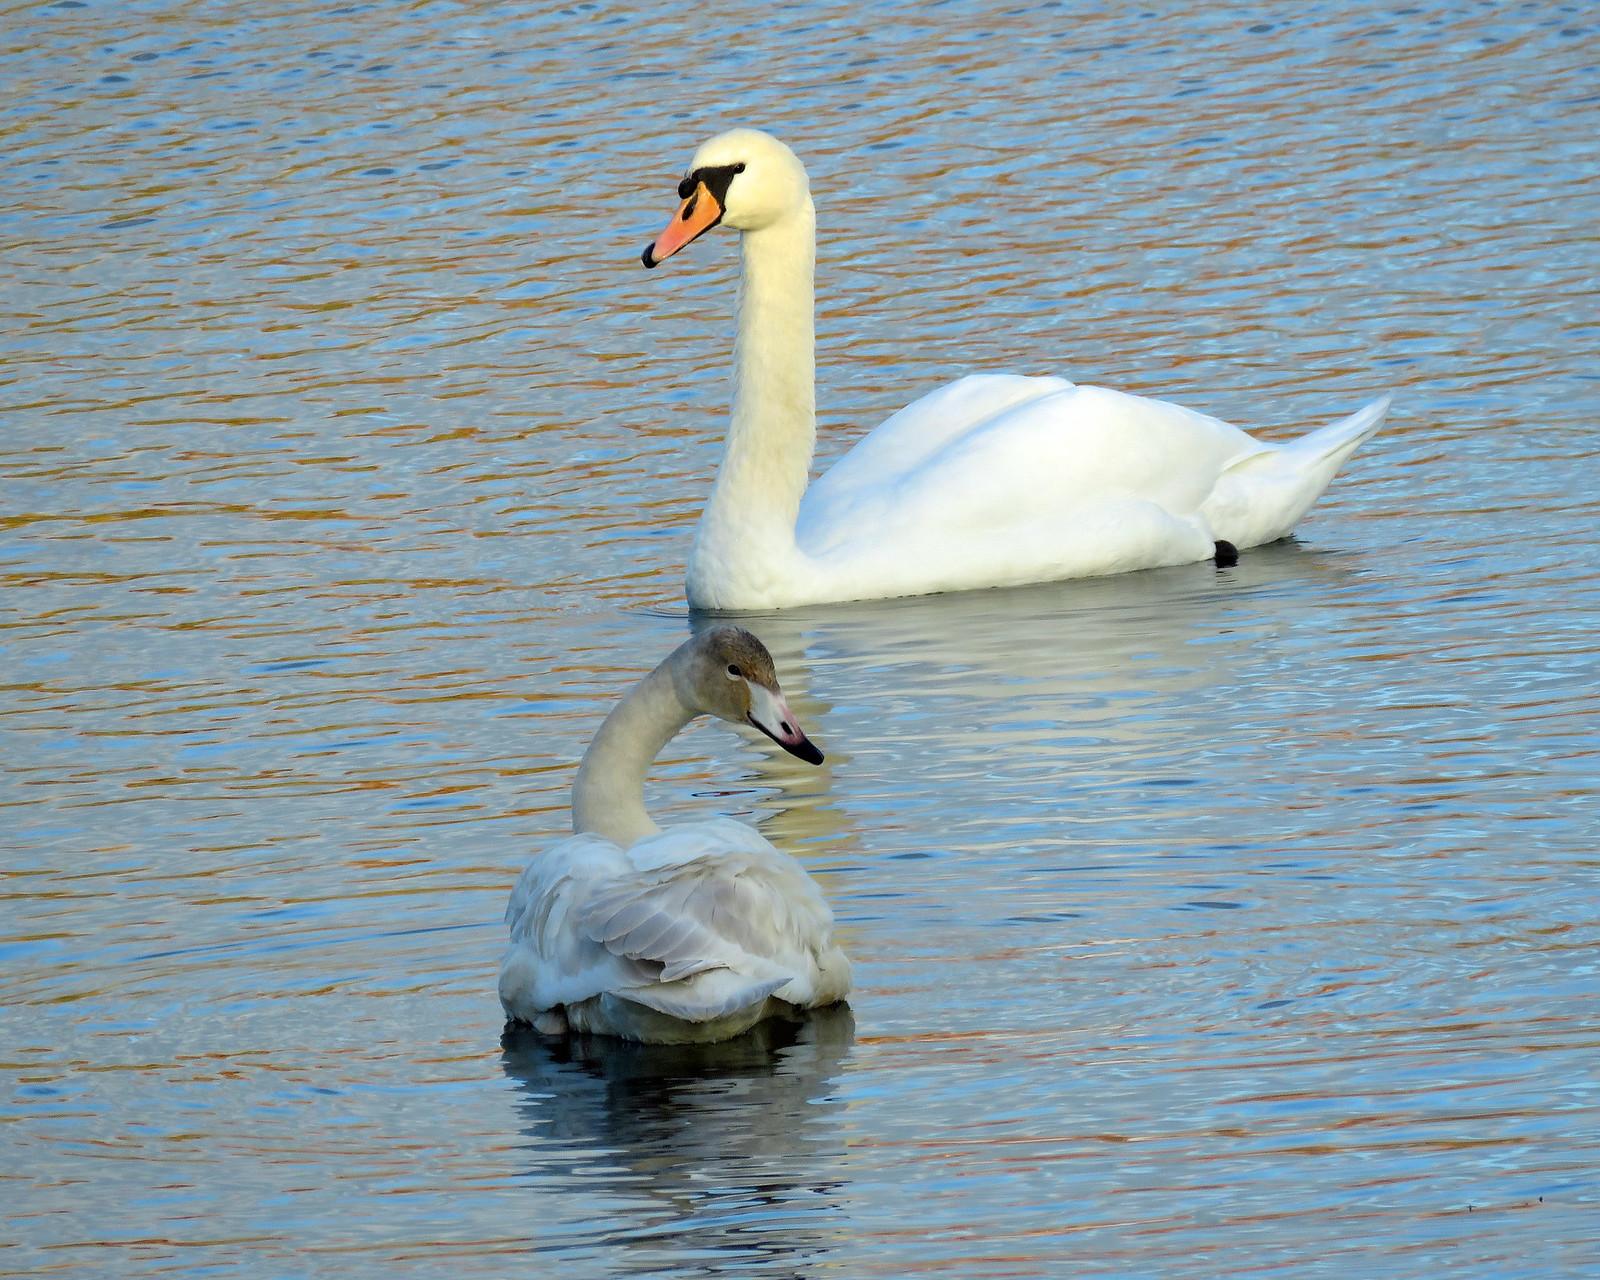 Whooper Swan - Cygnus cygnus & Mute Swan - Cygnus olor